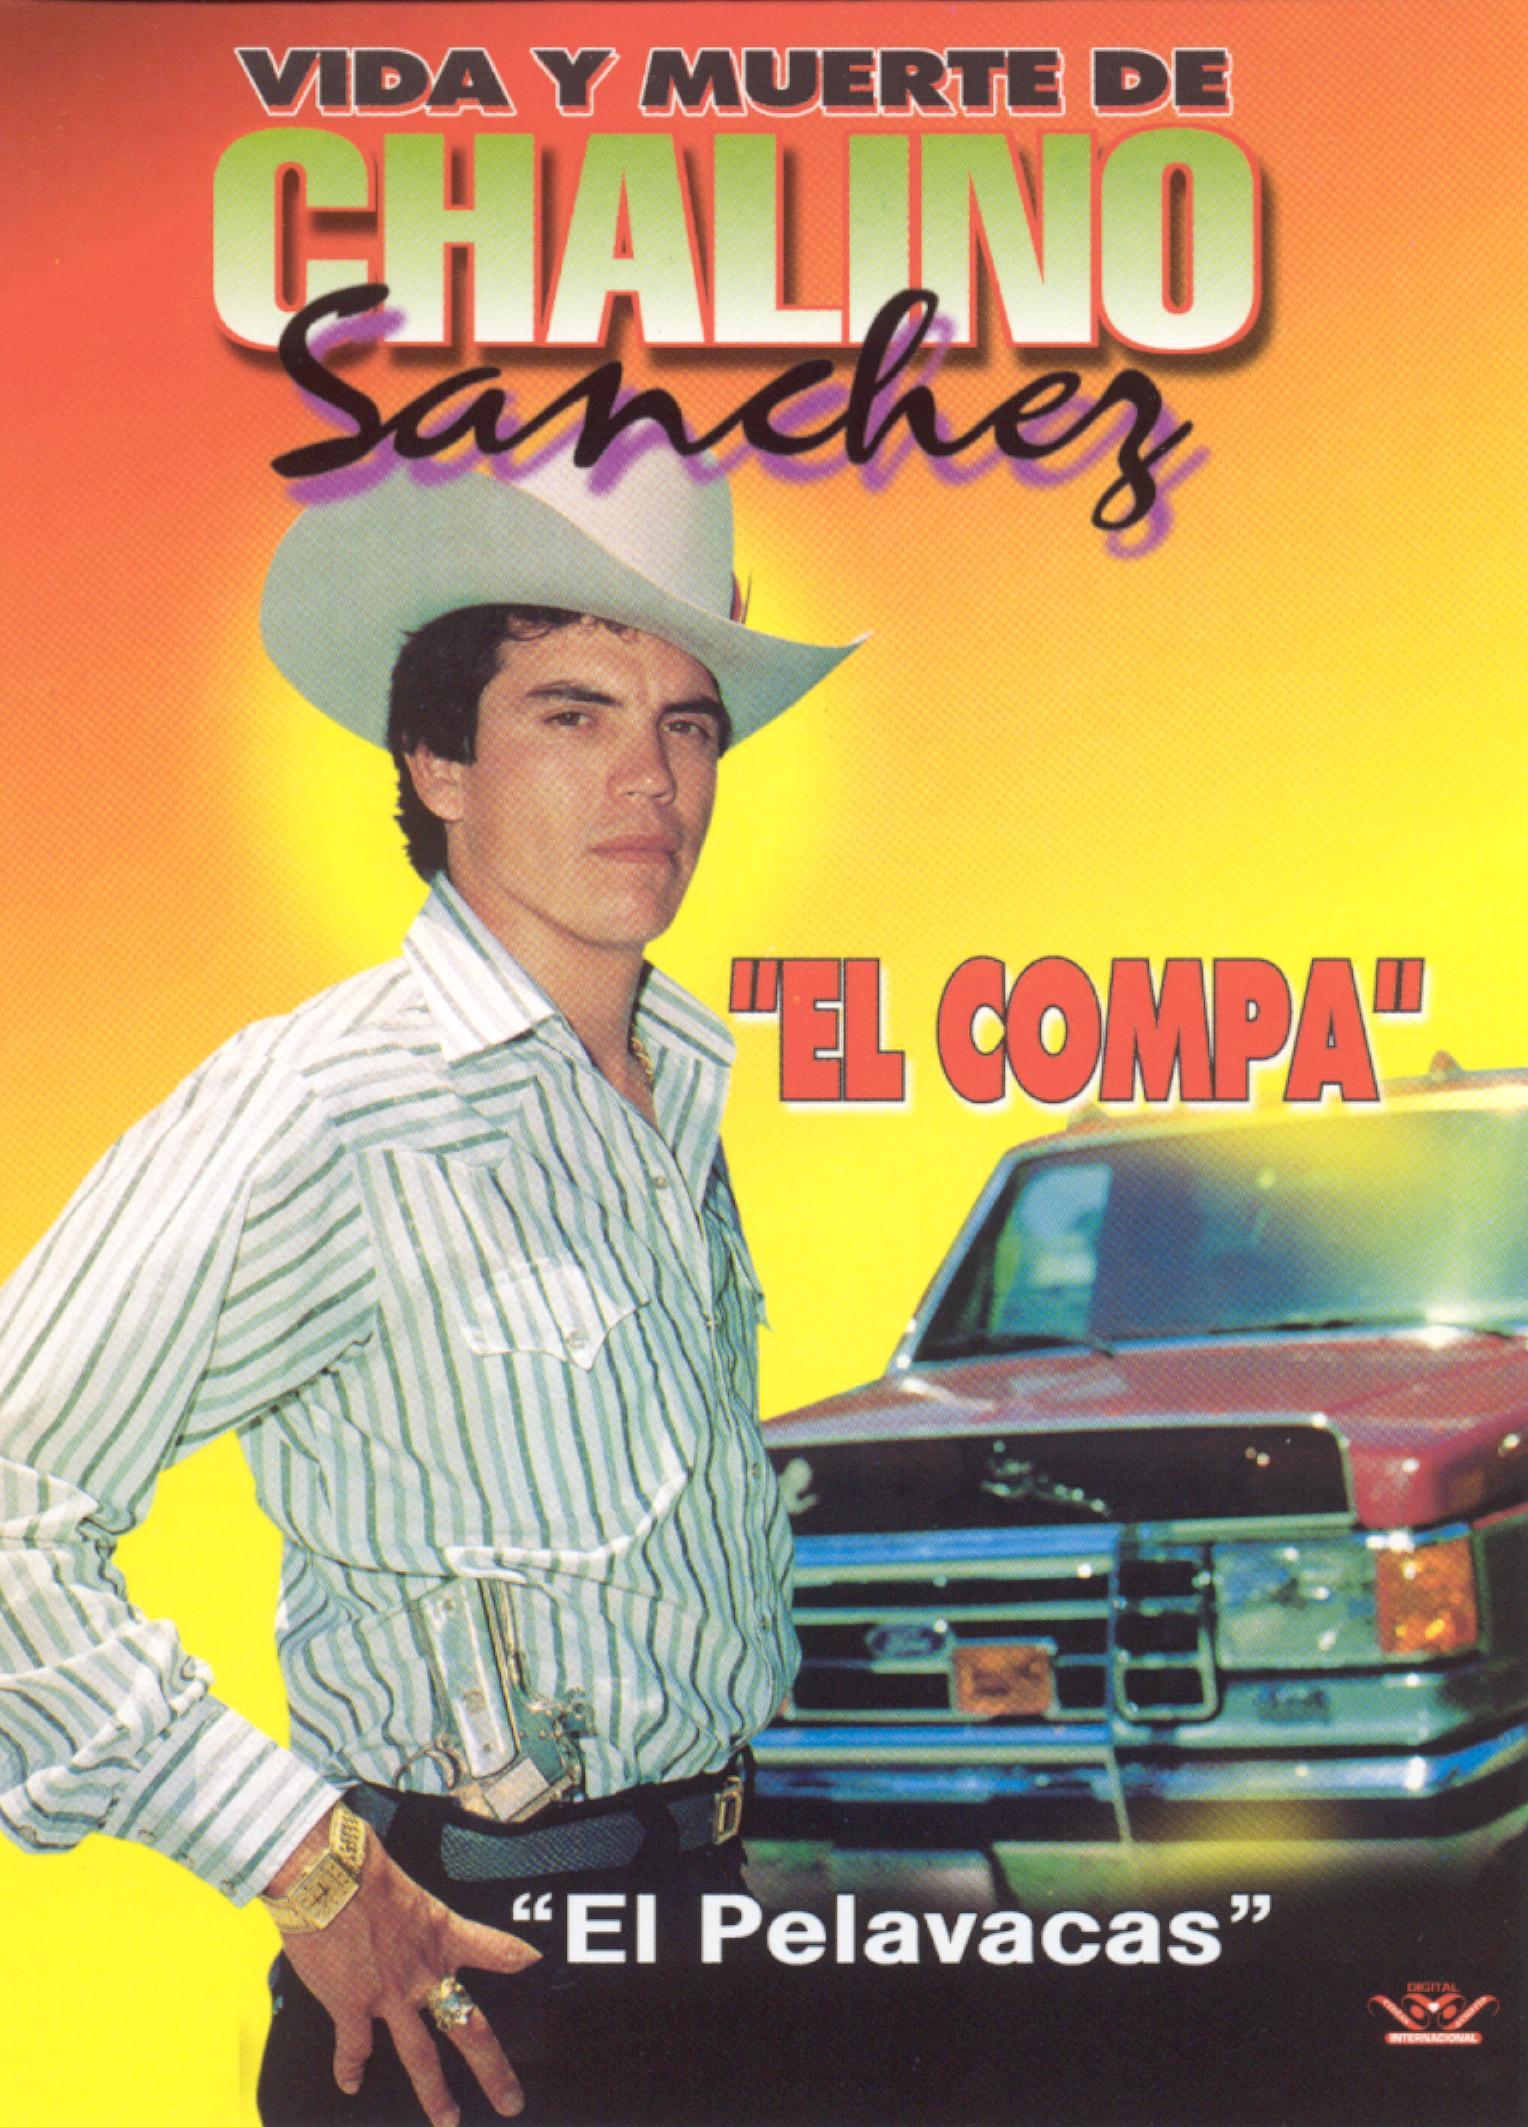 Chalino Sanchez: Vida y Muerte De